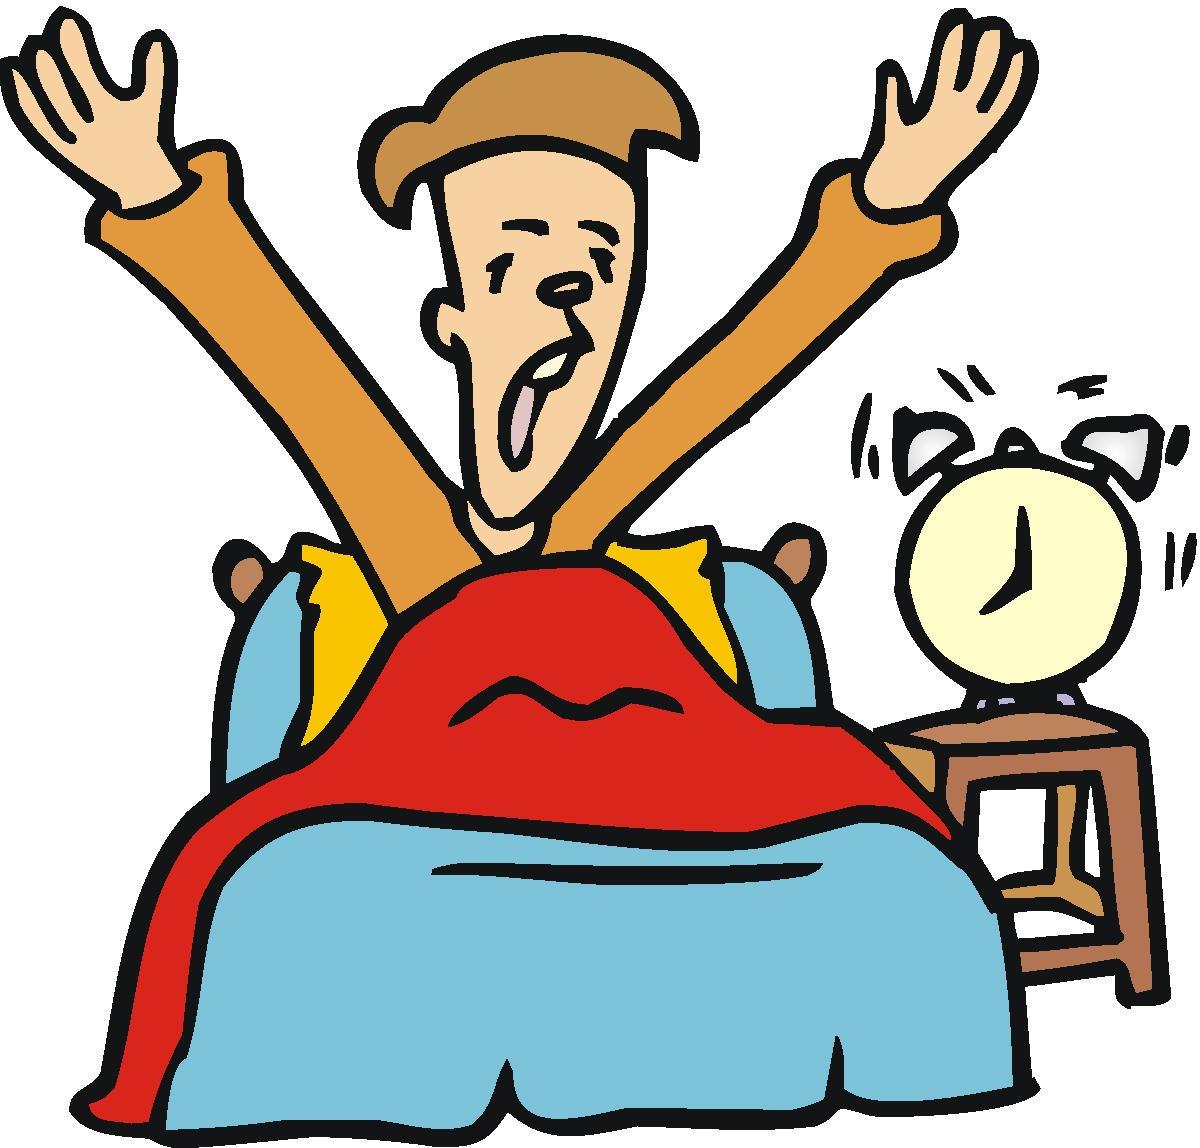 manfaat bangun pagi pagi bagi tubuh manusia